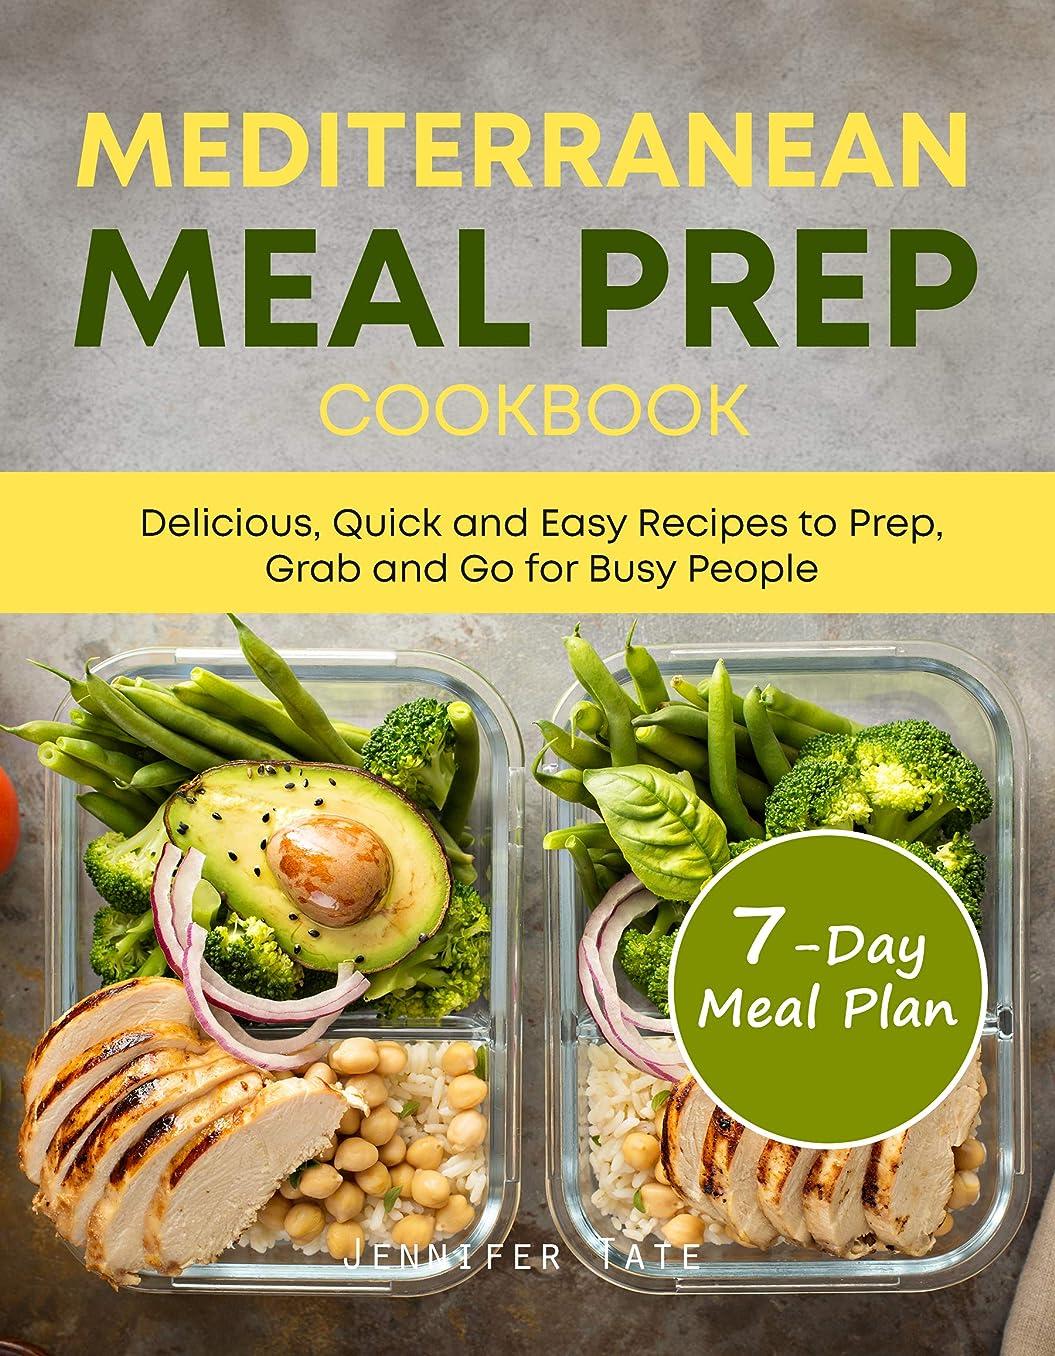 職業パキスタン去るMediterranean Meal Prep Cookbook: Delicious, Quick and Easy Recipes to Prep, Grab and Go for Busy People. 7-Day Meal Plan (English Edition)